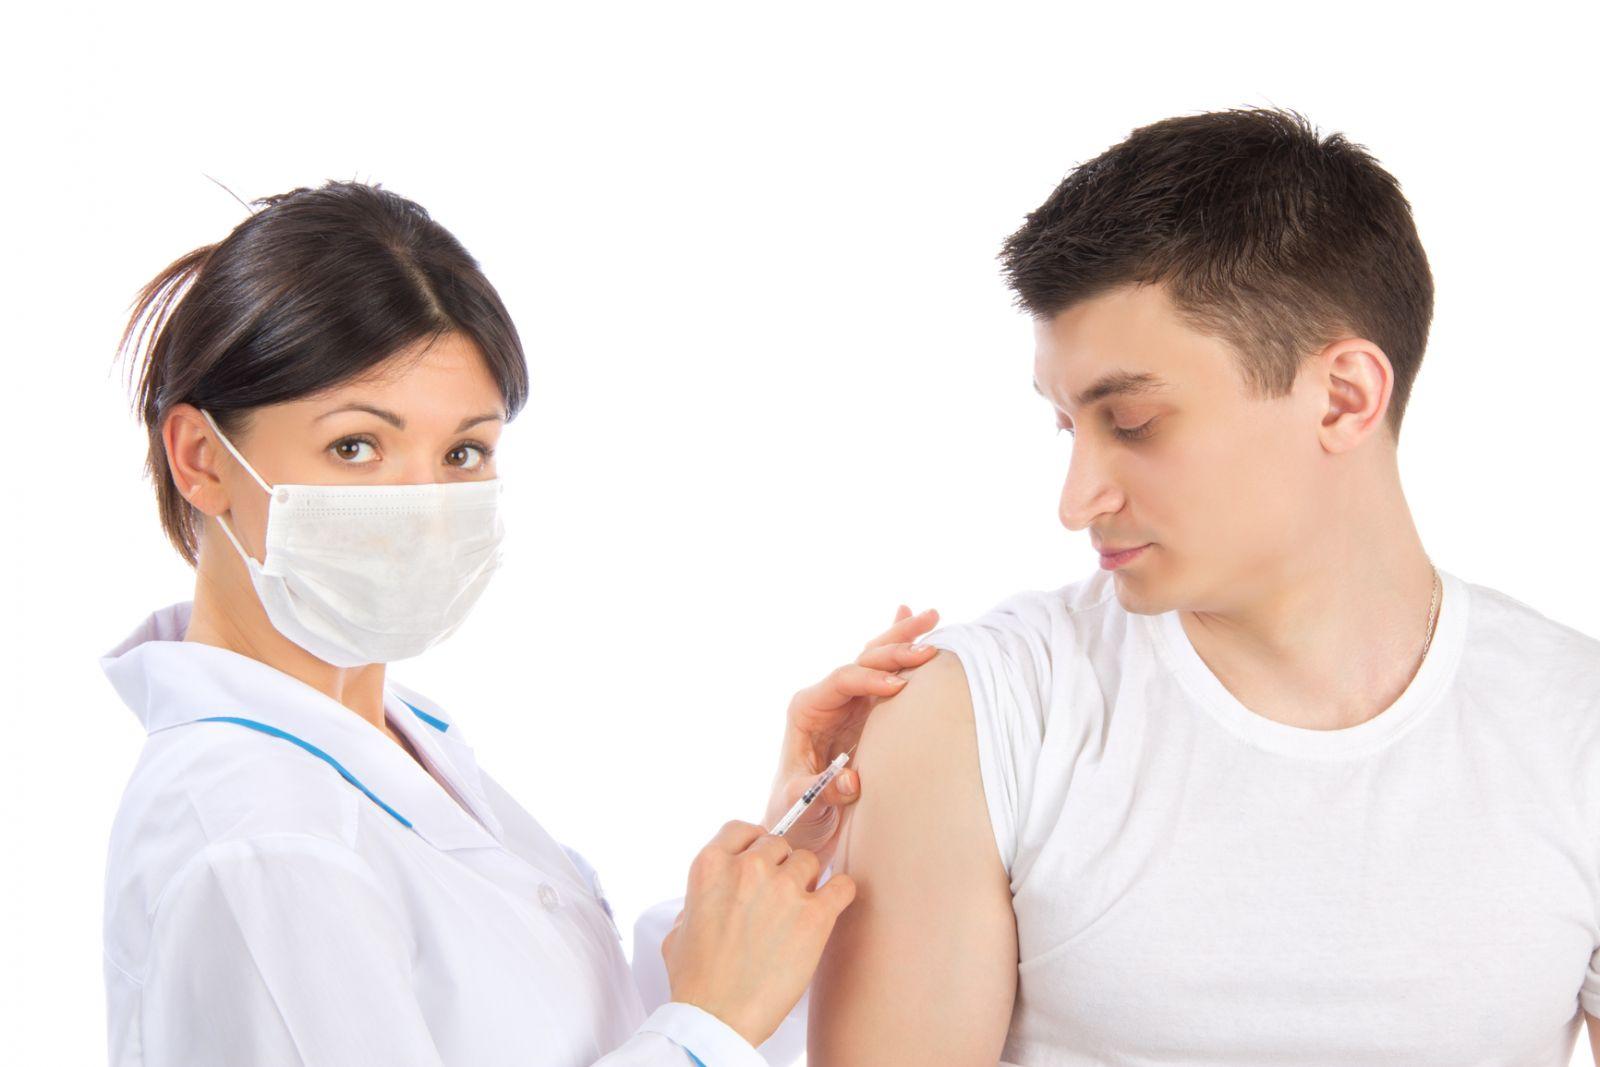 бывает ли аллергия на людей признаки